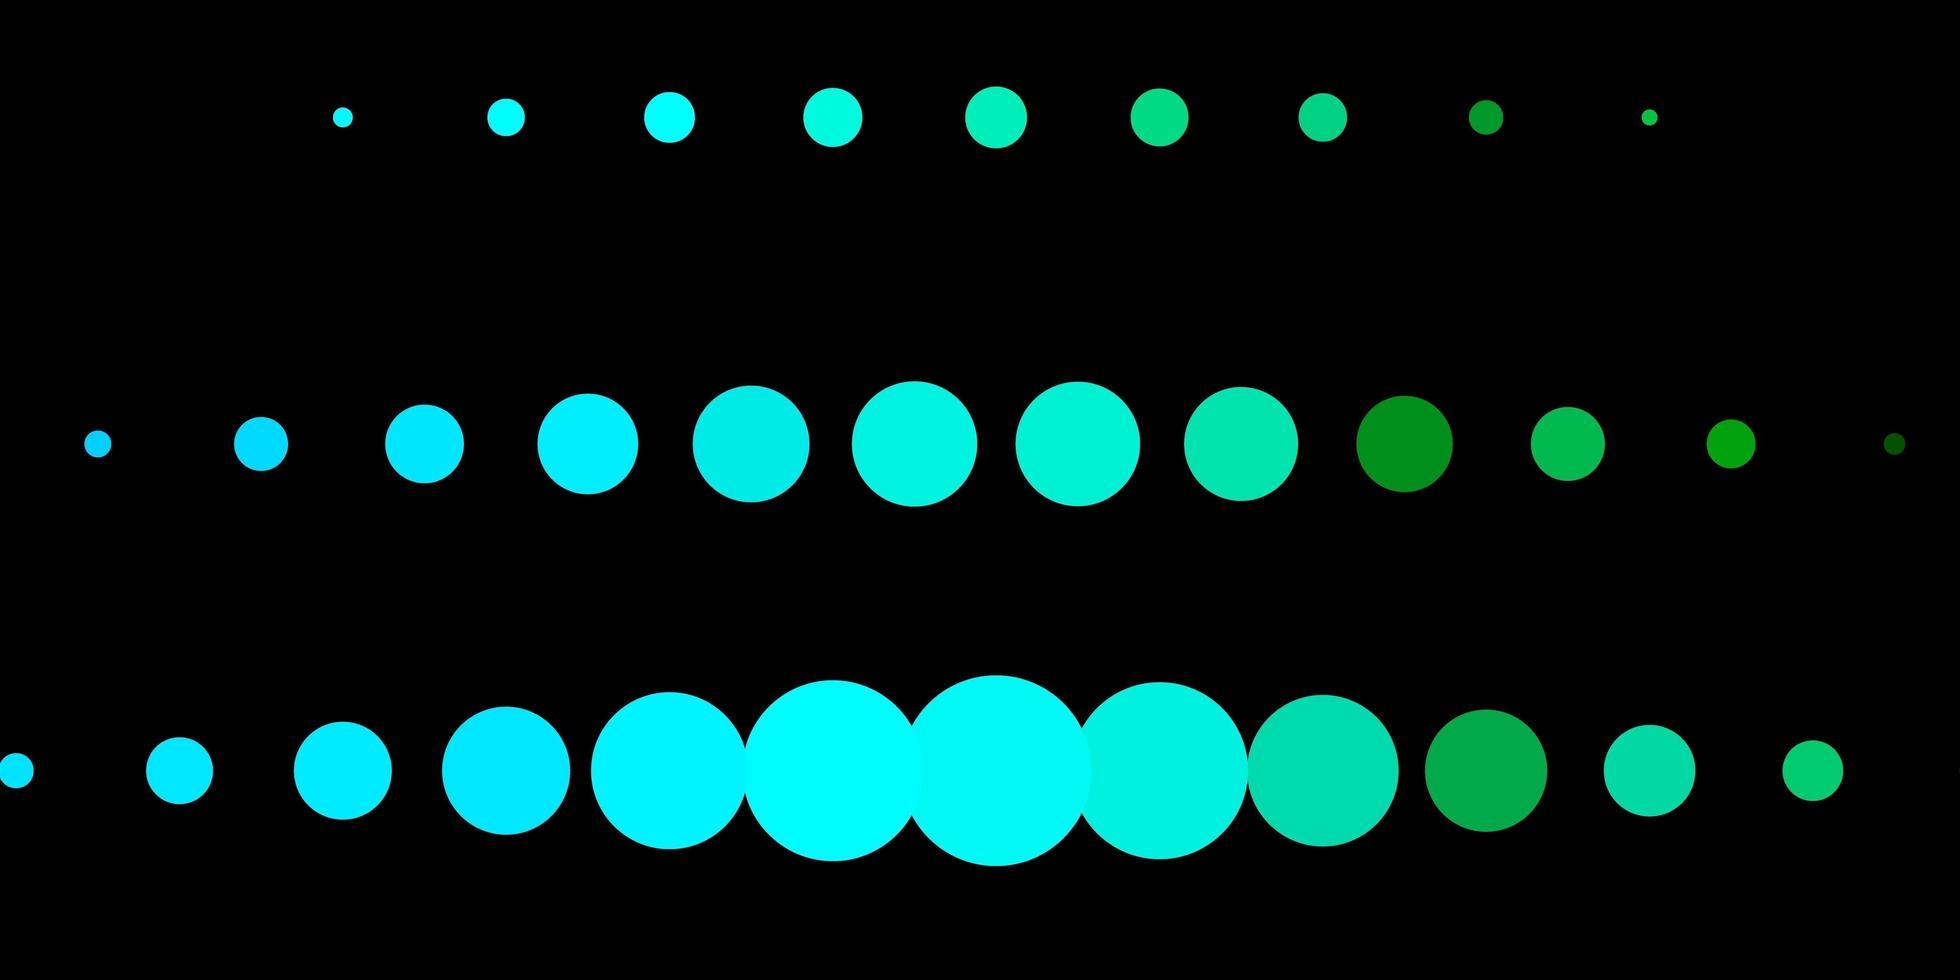 fond de vecteur bleu foncé, vert avec des bulles.